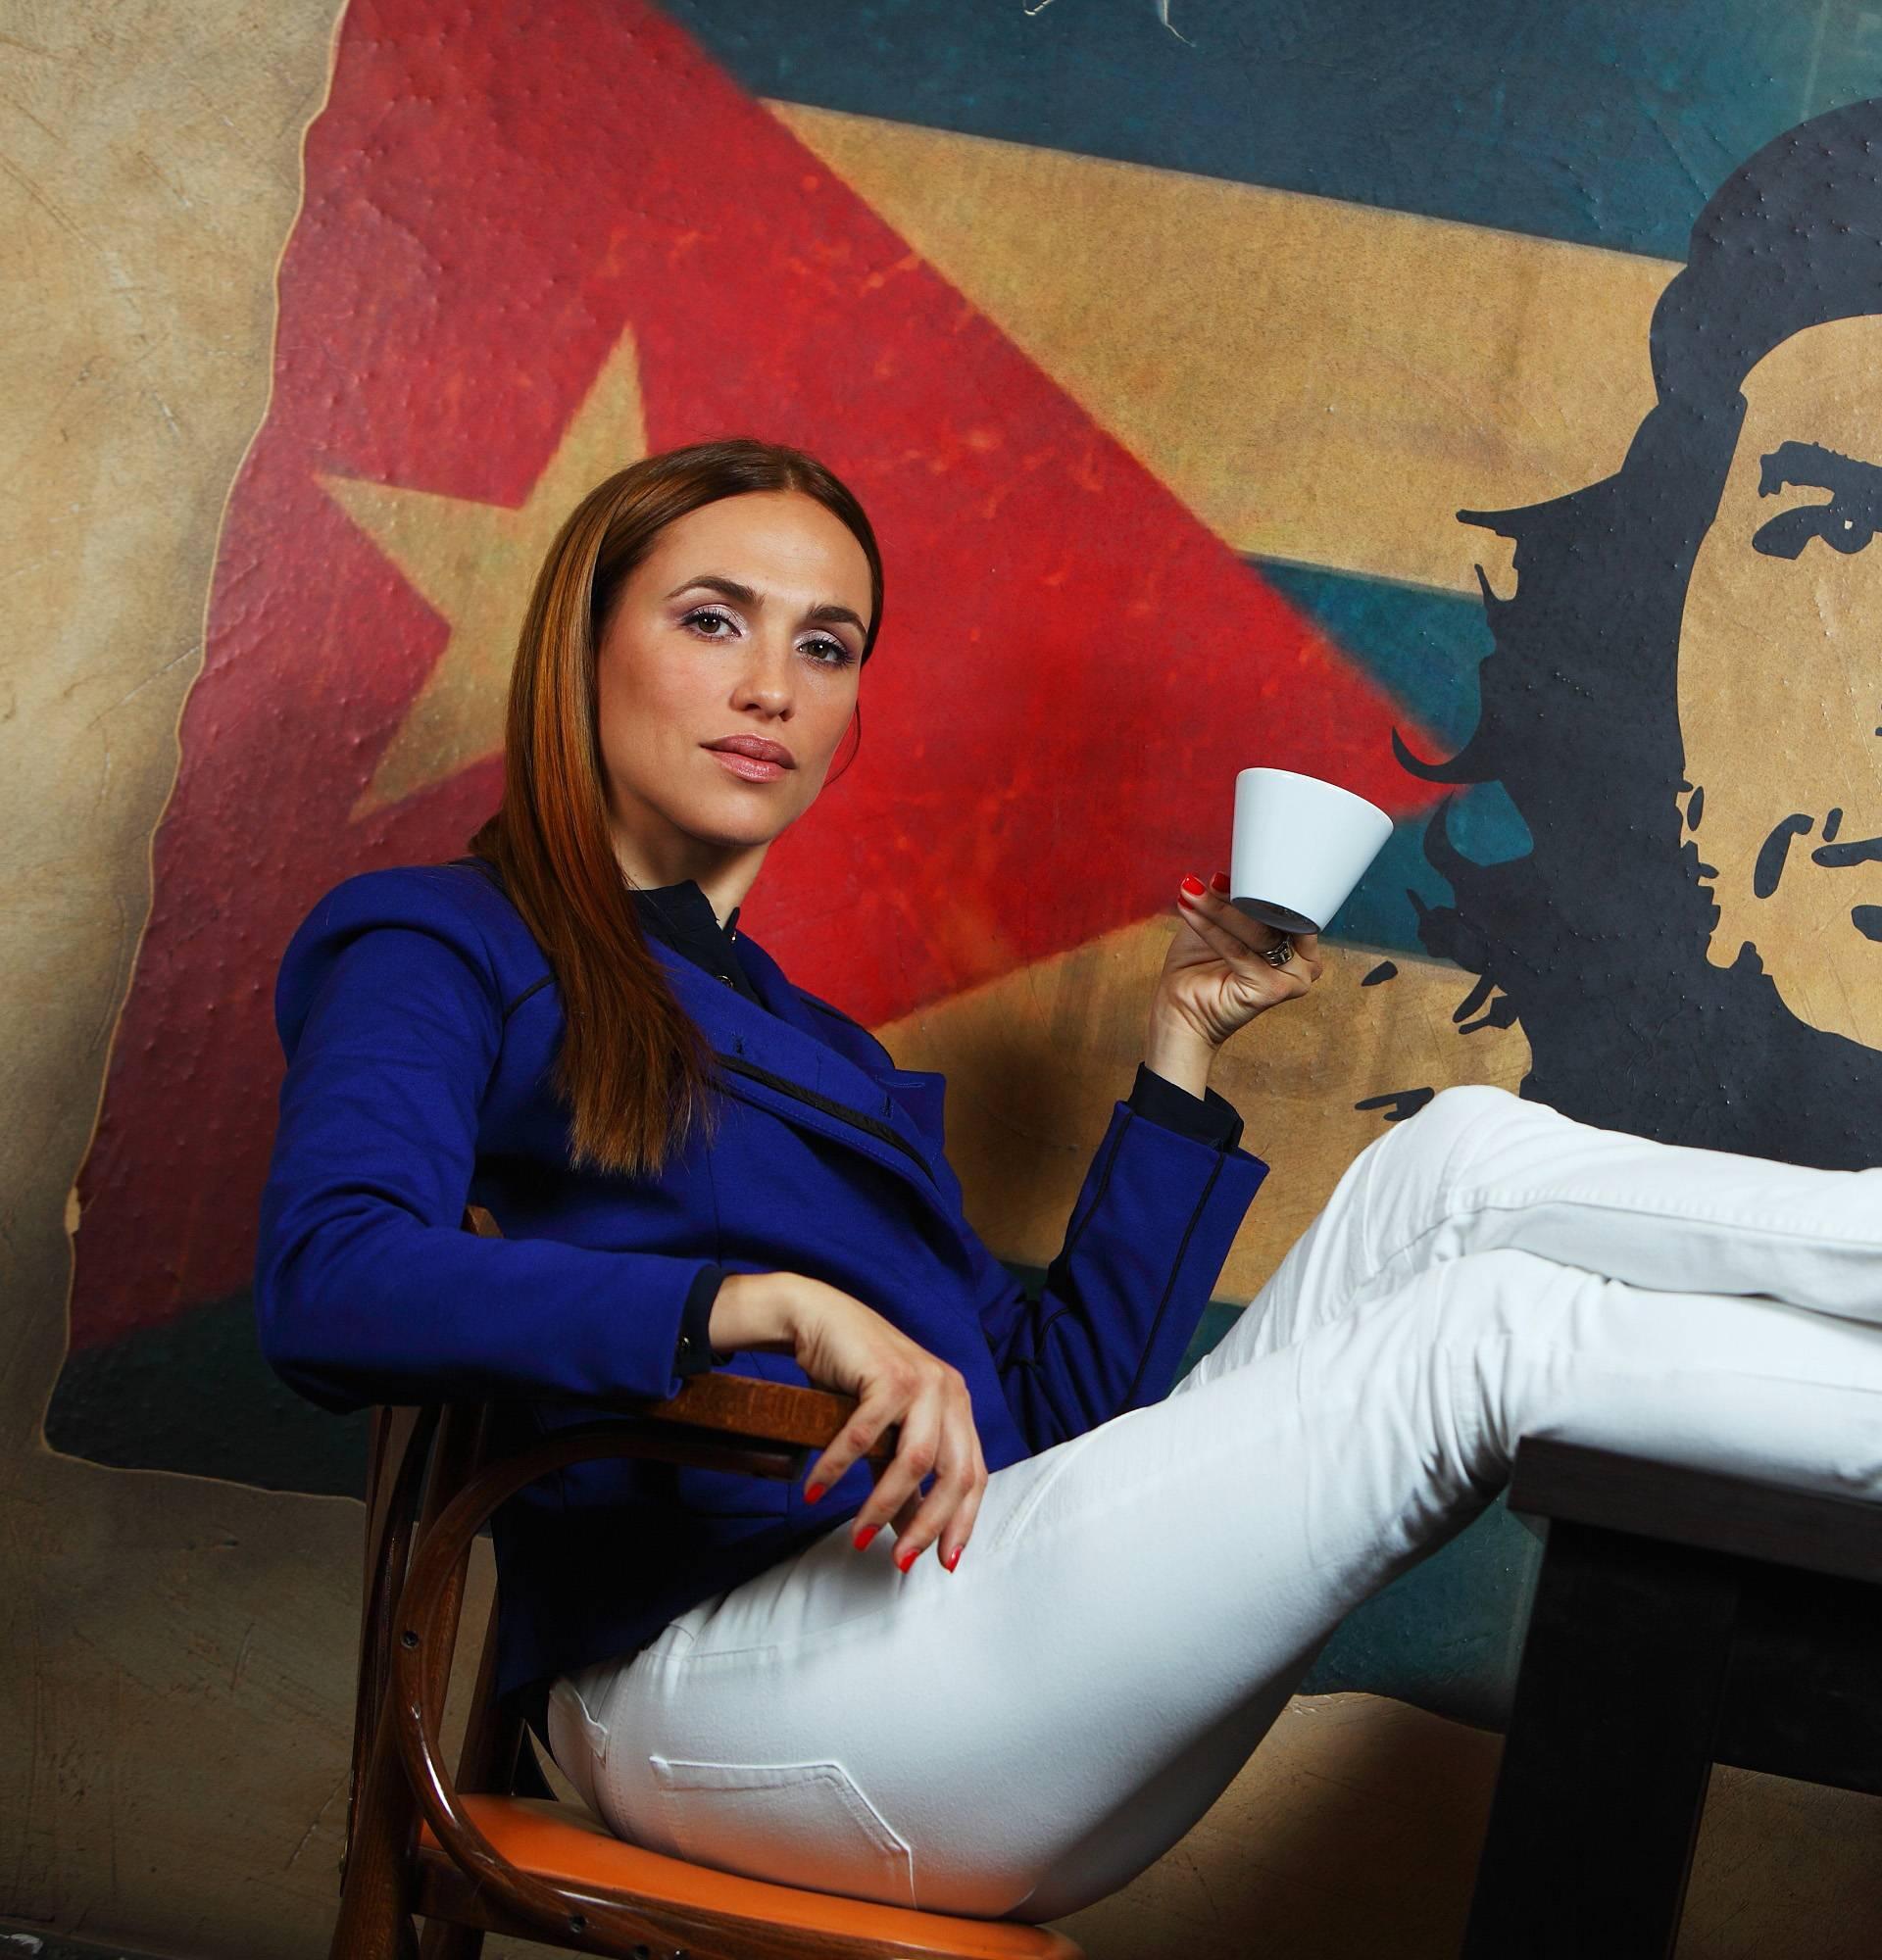 Nesreća na snimanju: Marijanu Mikulić na setu pogodio metak